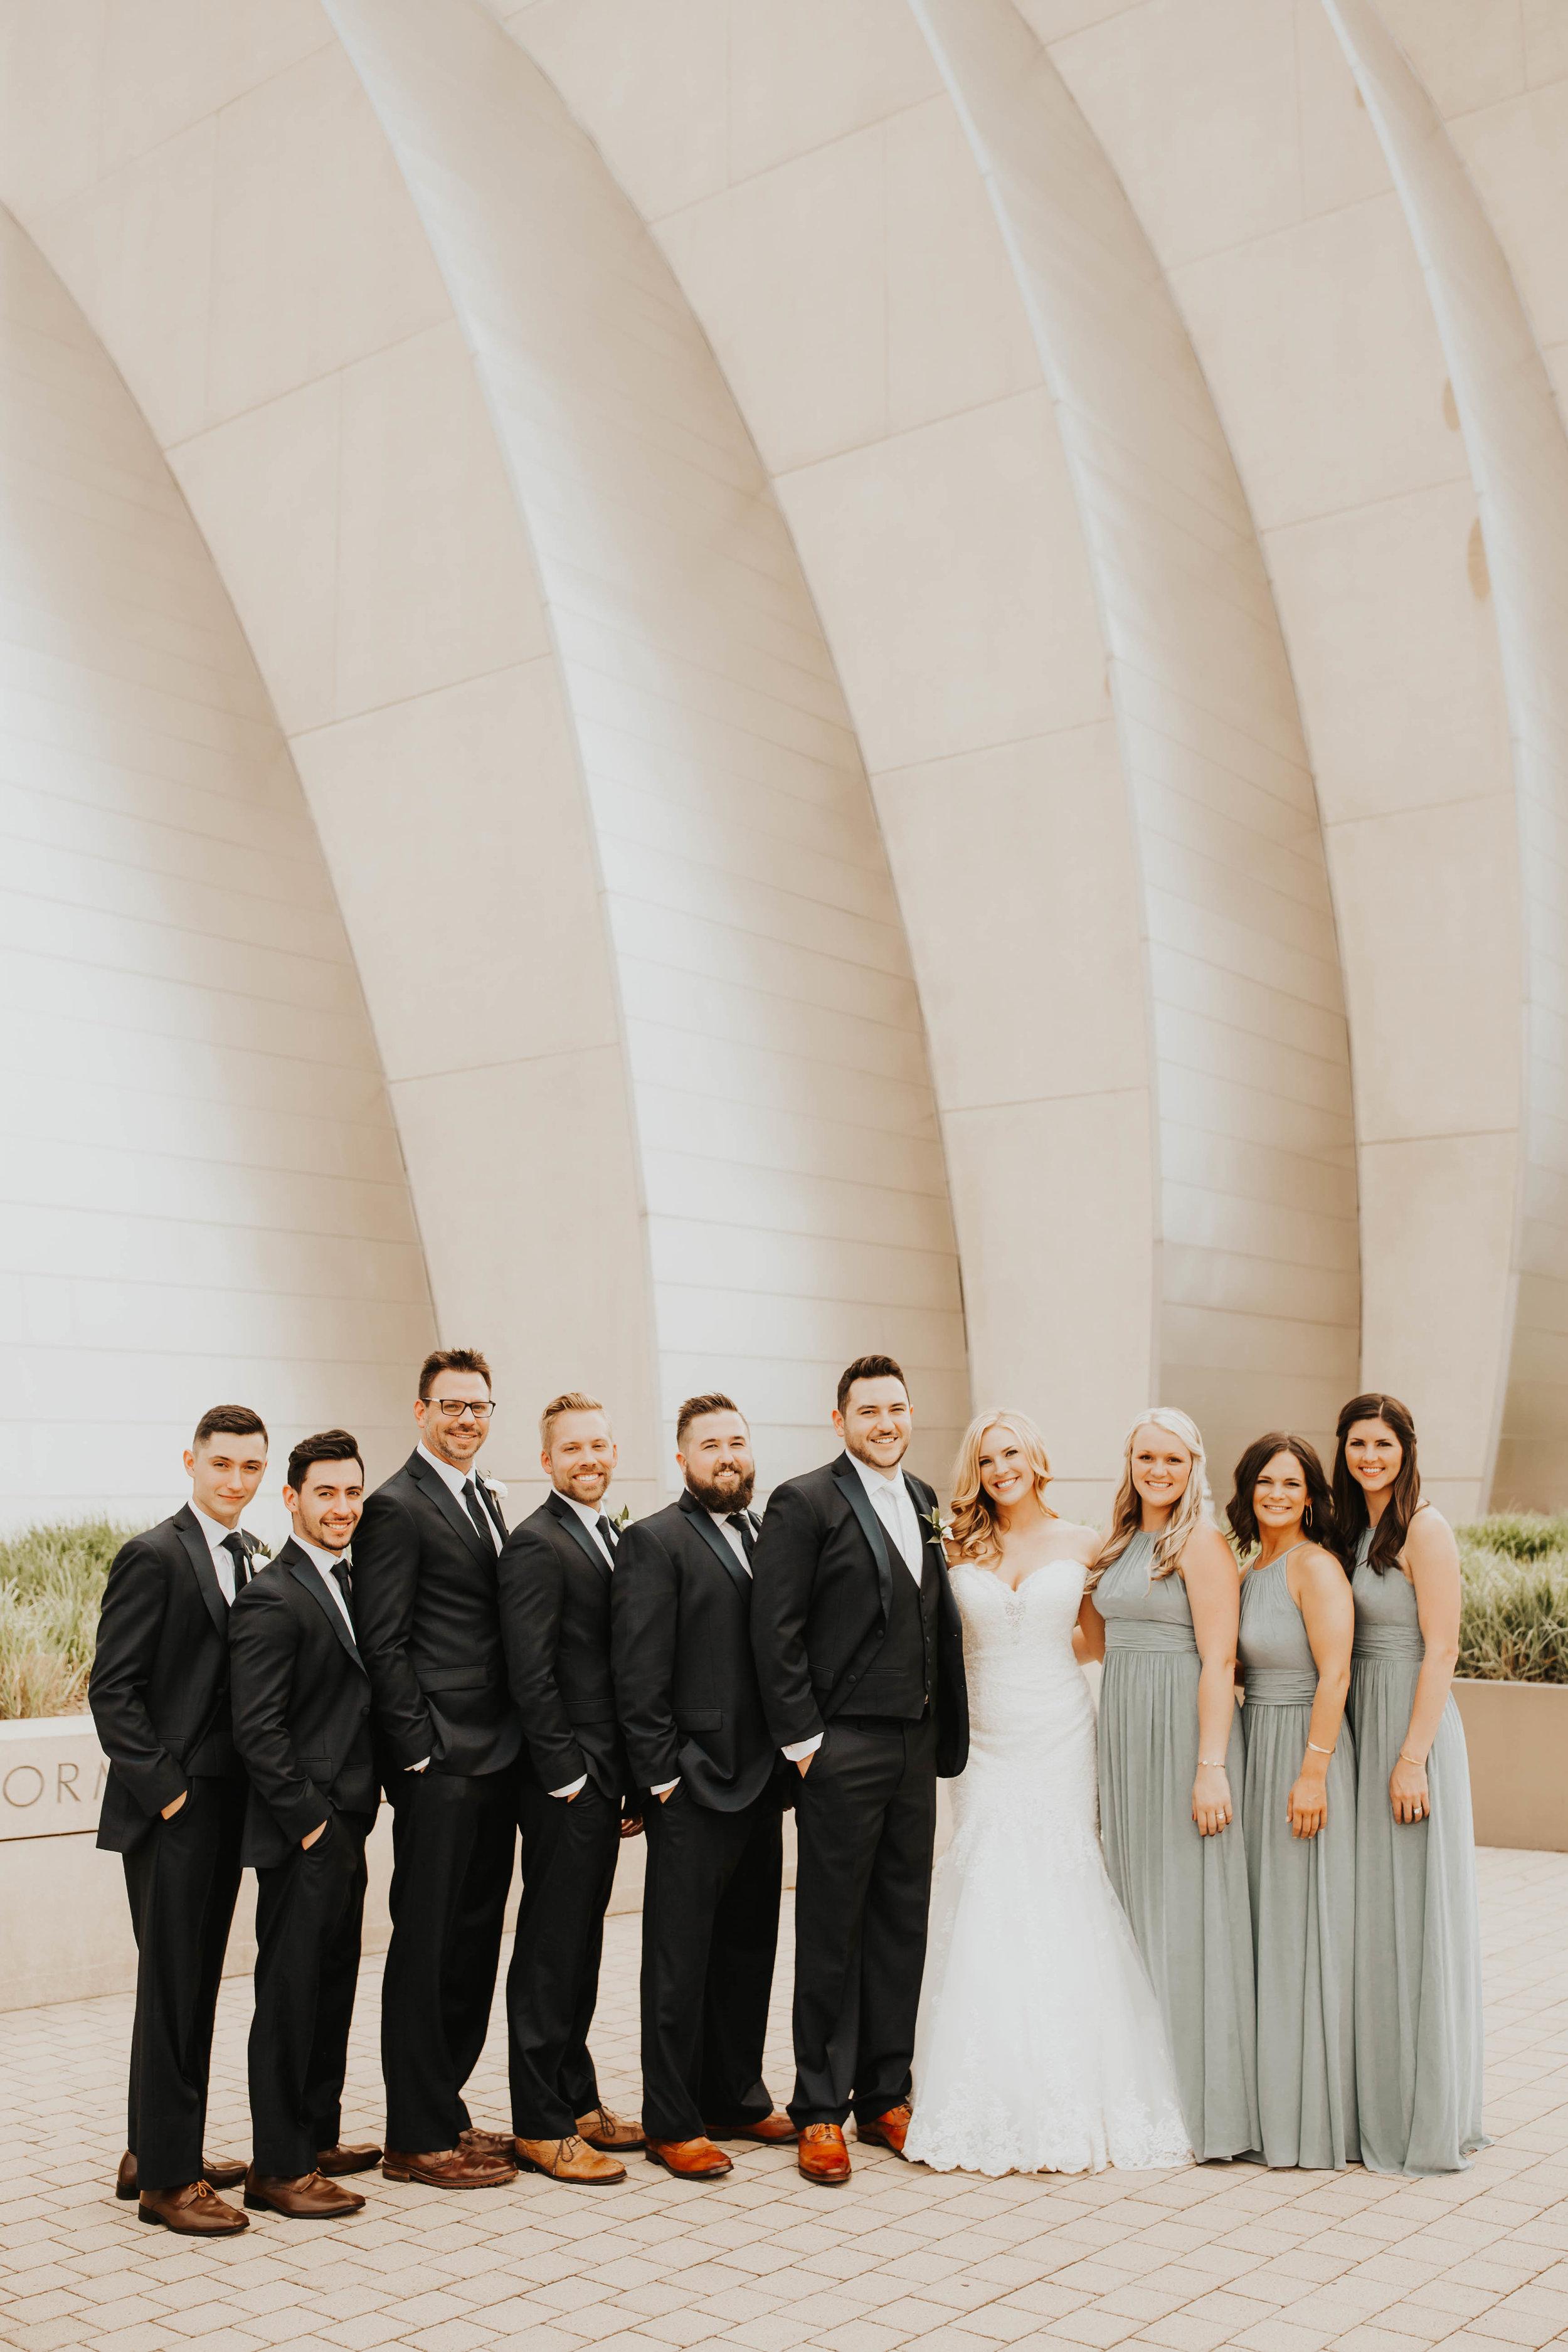 Bryce + Lauren Wedding Party Photos-18.jpg